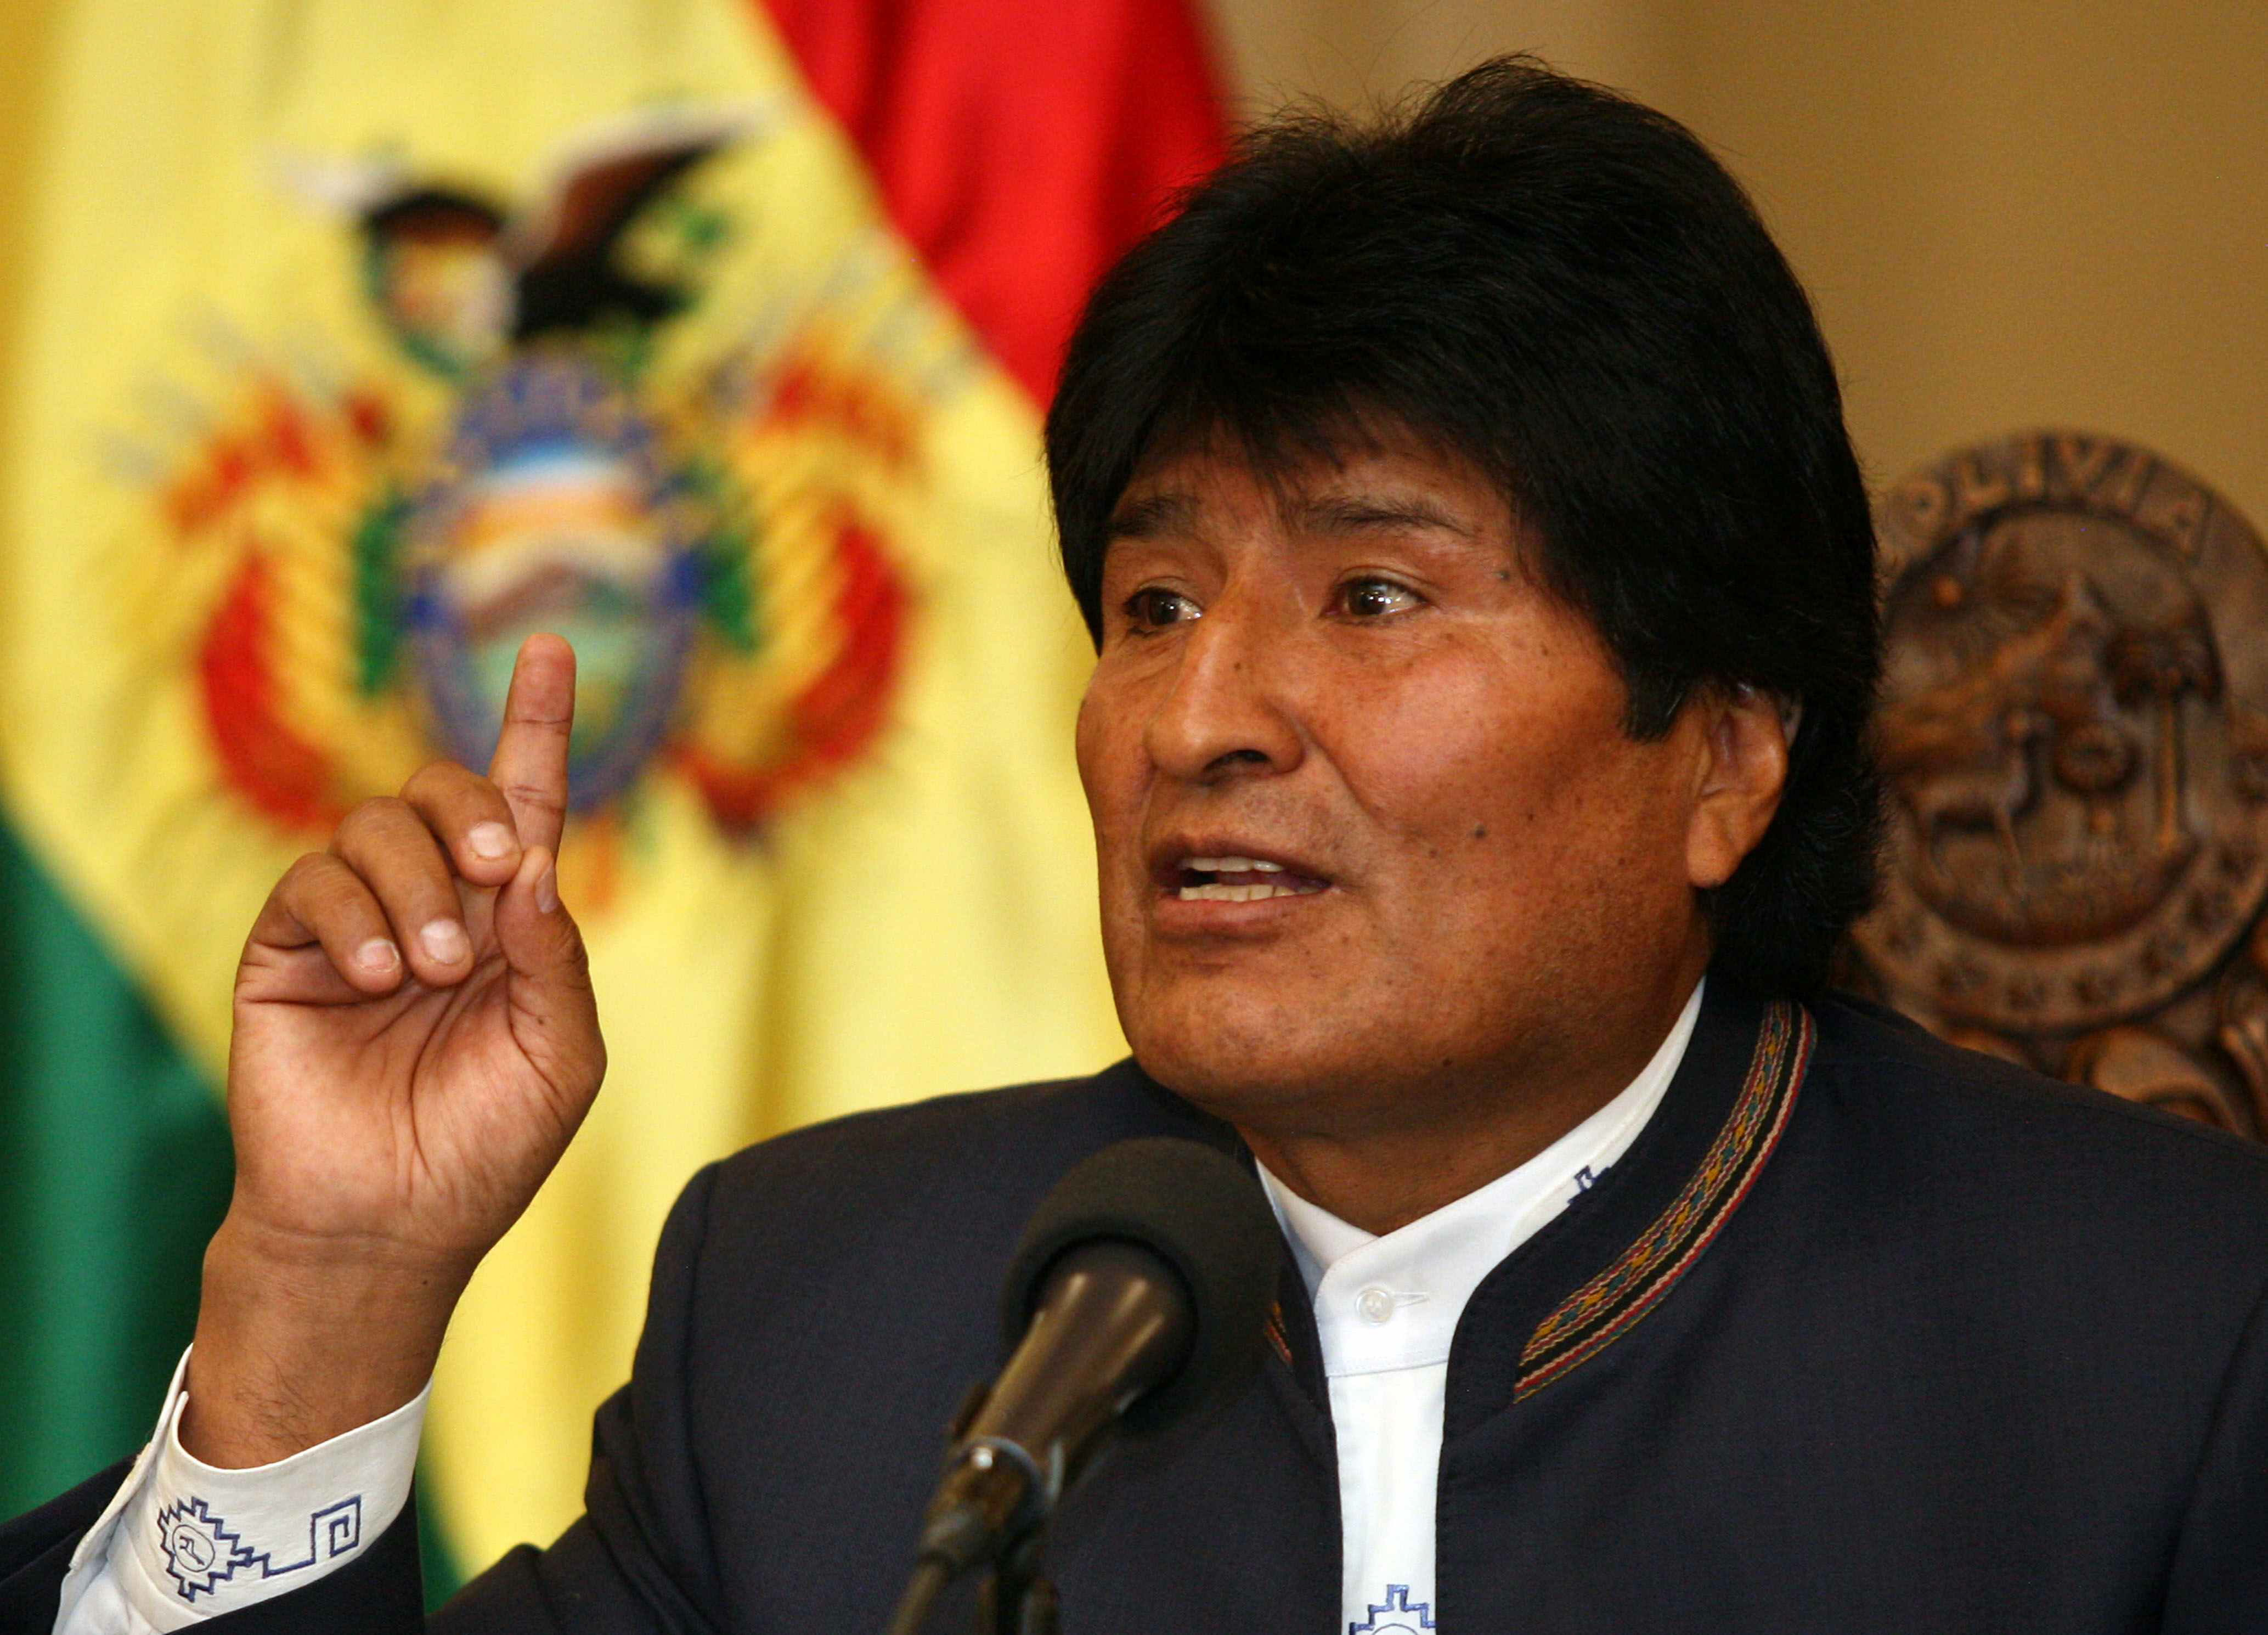 Empresas de España y China construirán un ferrocarril en el centro de Bolivia